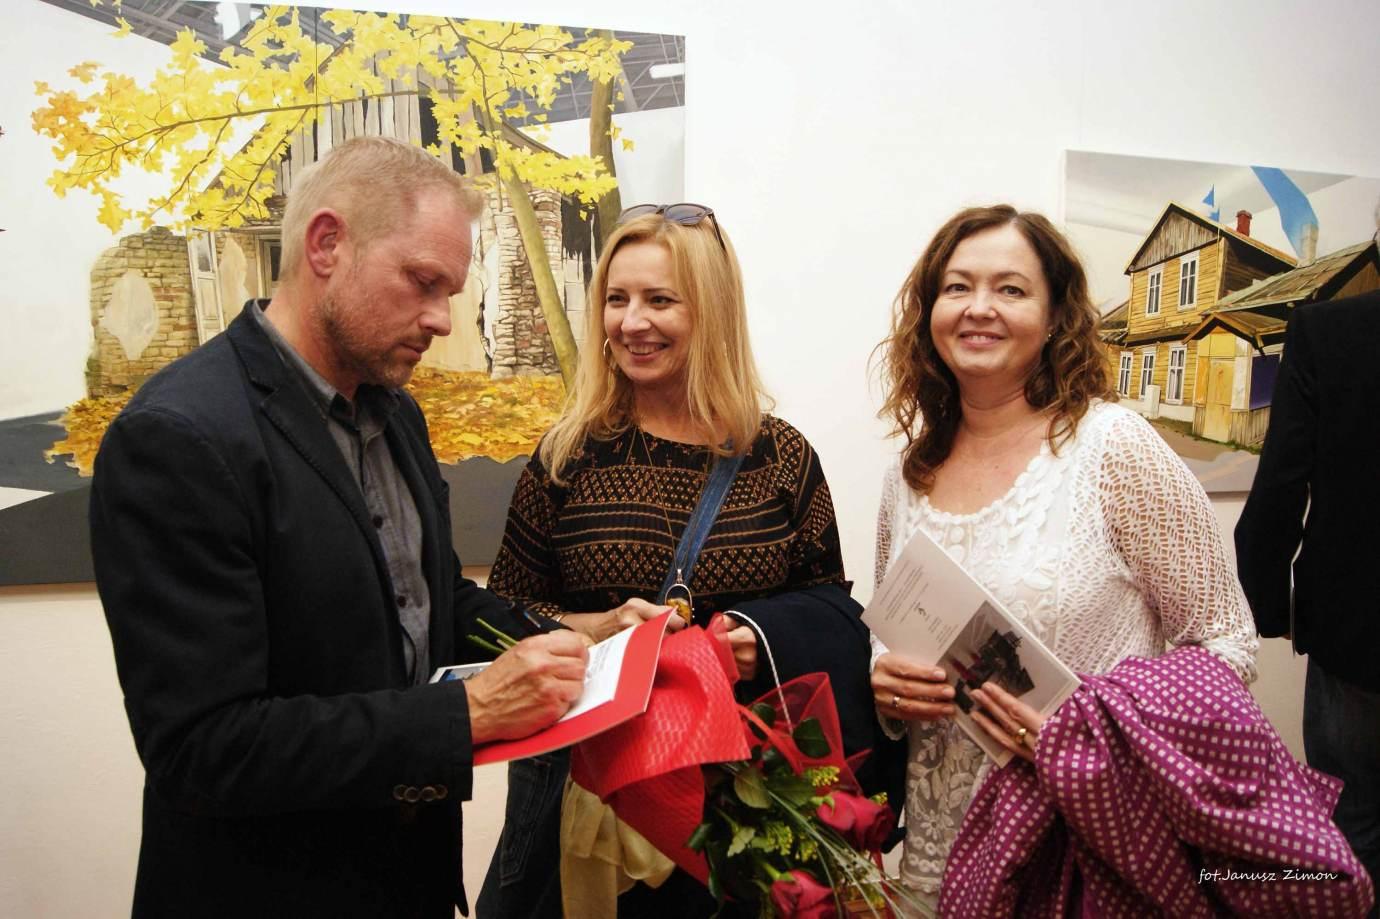 piotr tymochowicz bwa galeria zamojska fot janusz zimon 23 Zamość: Wernisaż wystawy Piotra Tymochowicza